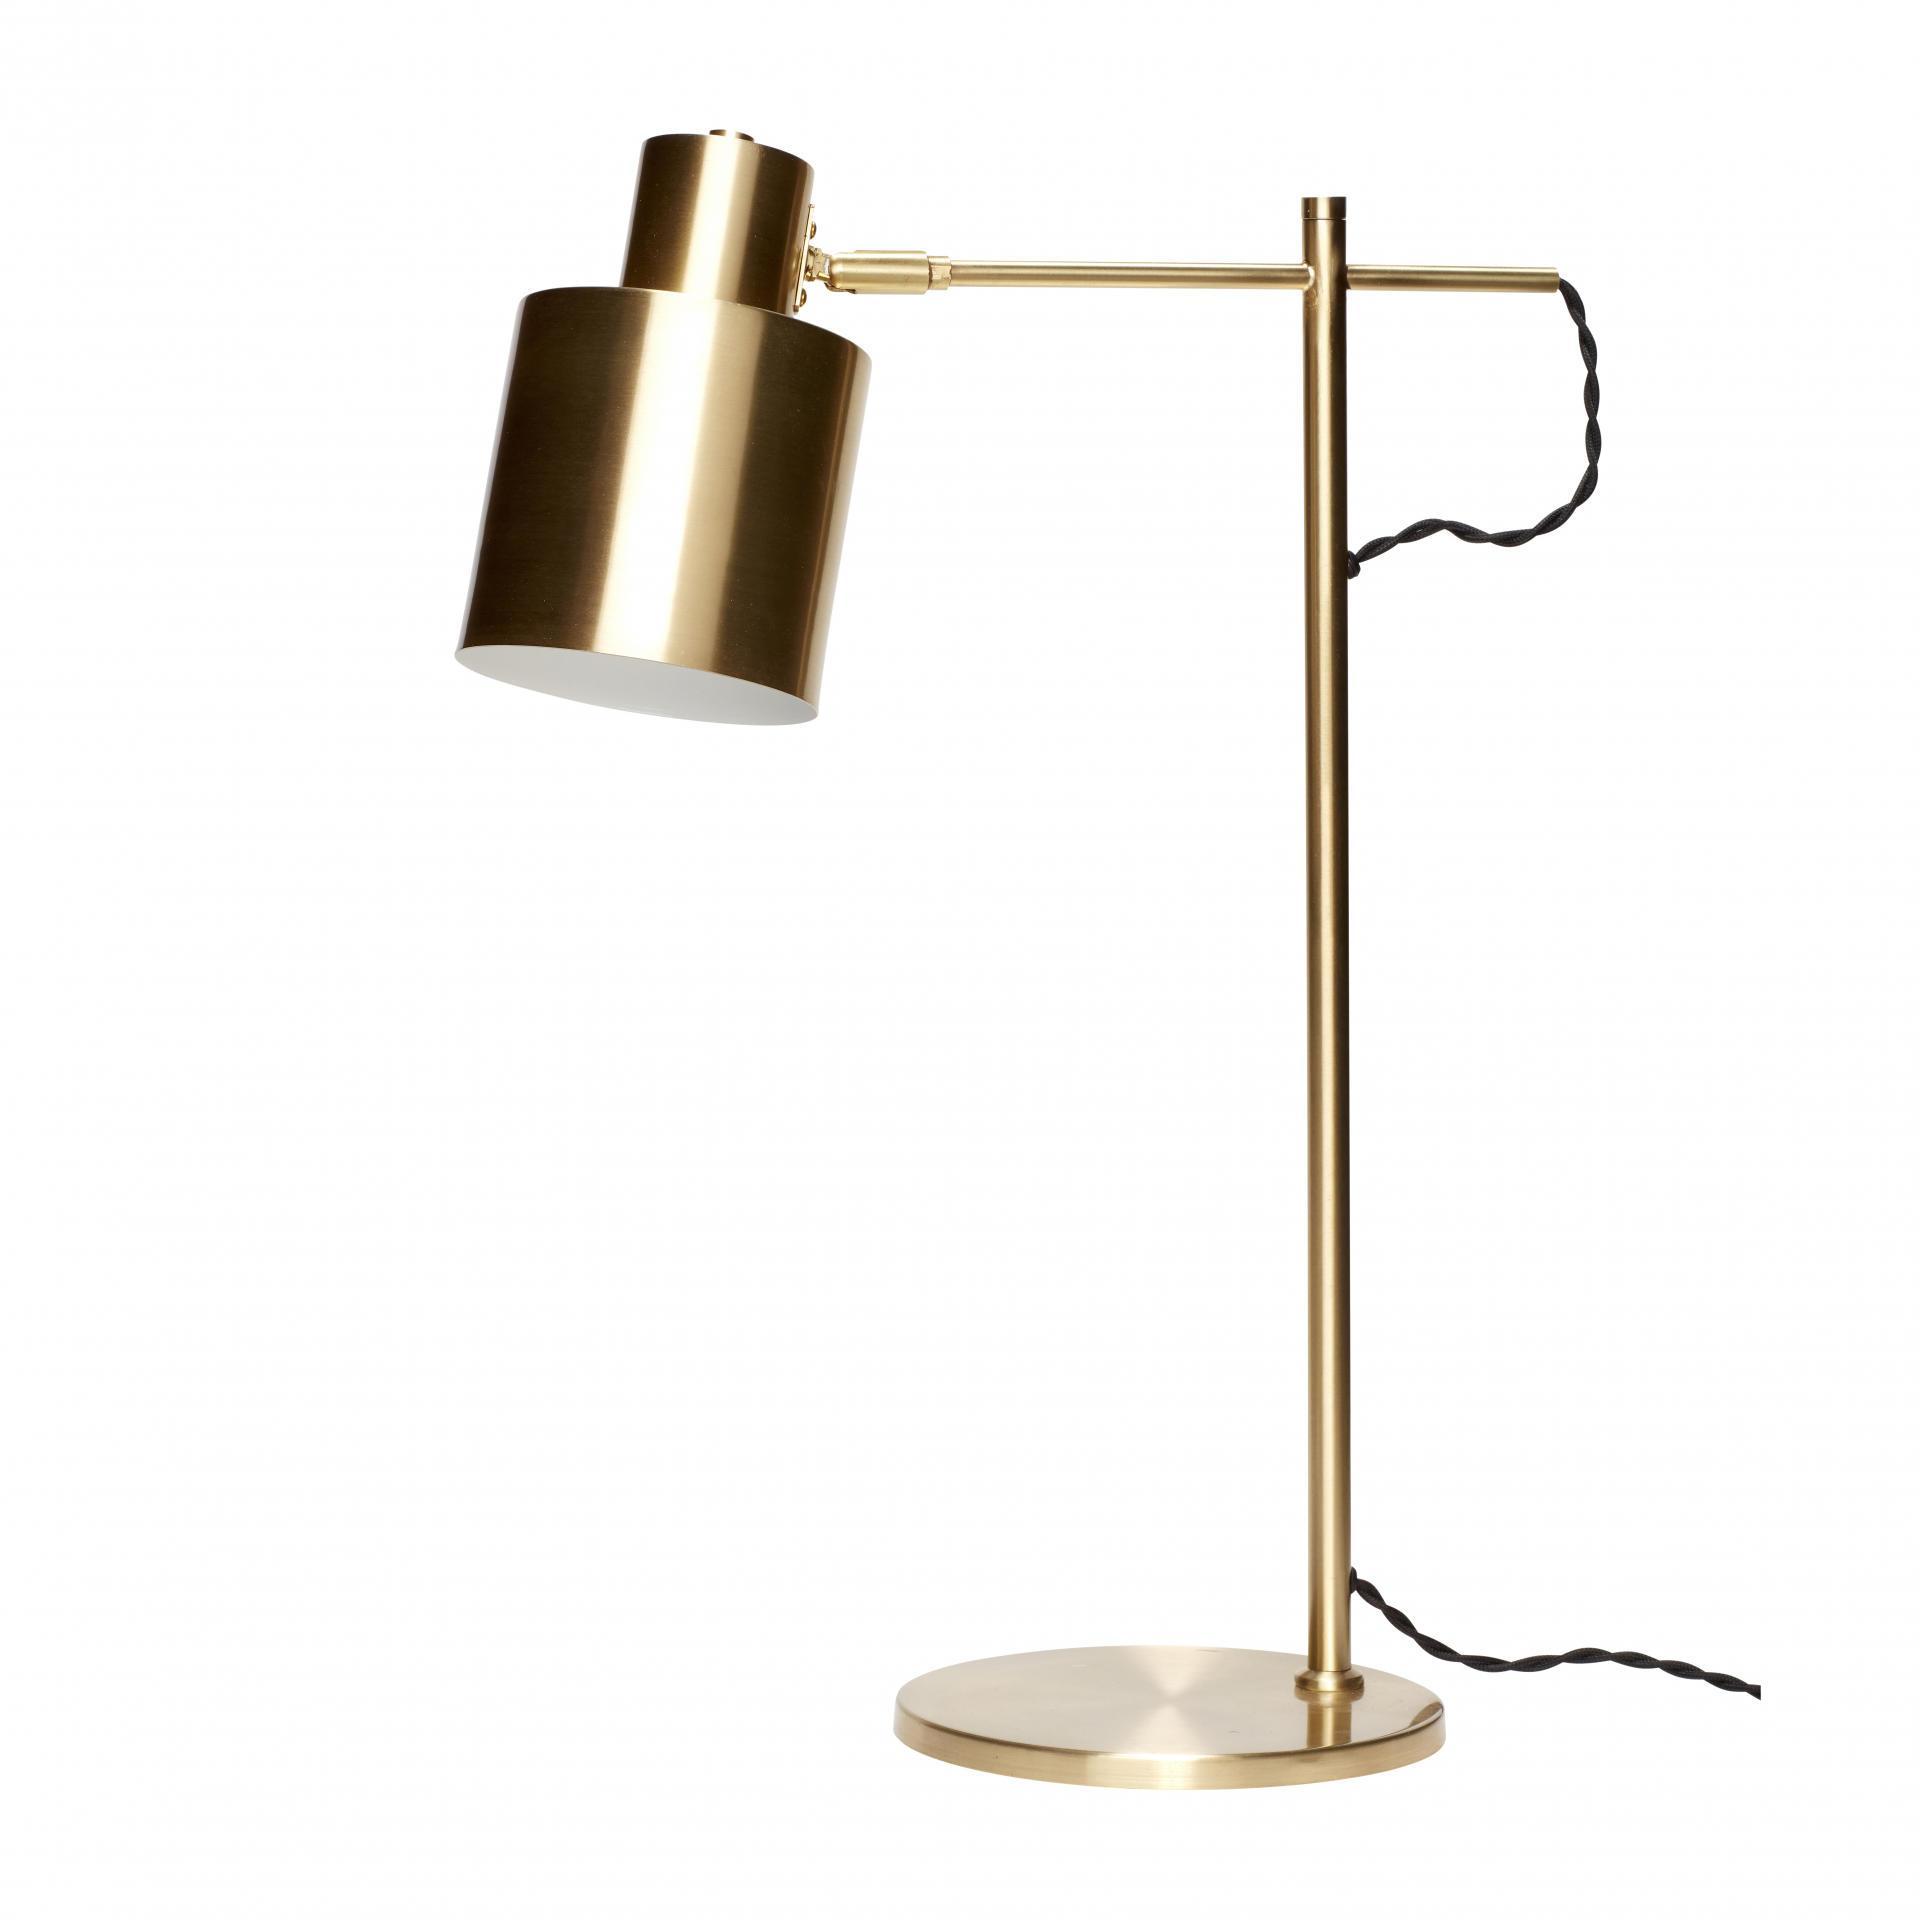 Hübsch Velká stolní lampa Gold brass, zlatá barva, kov